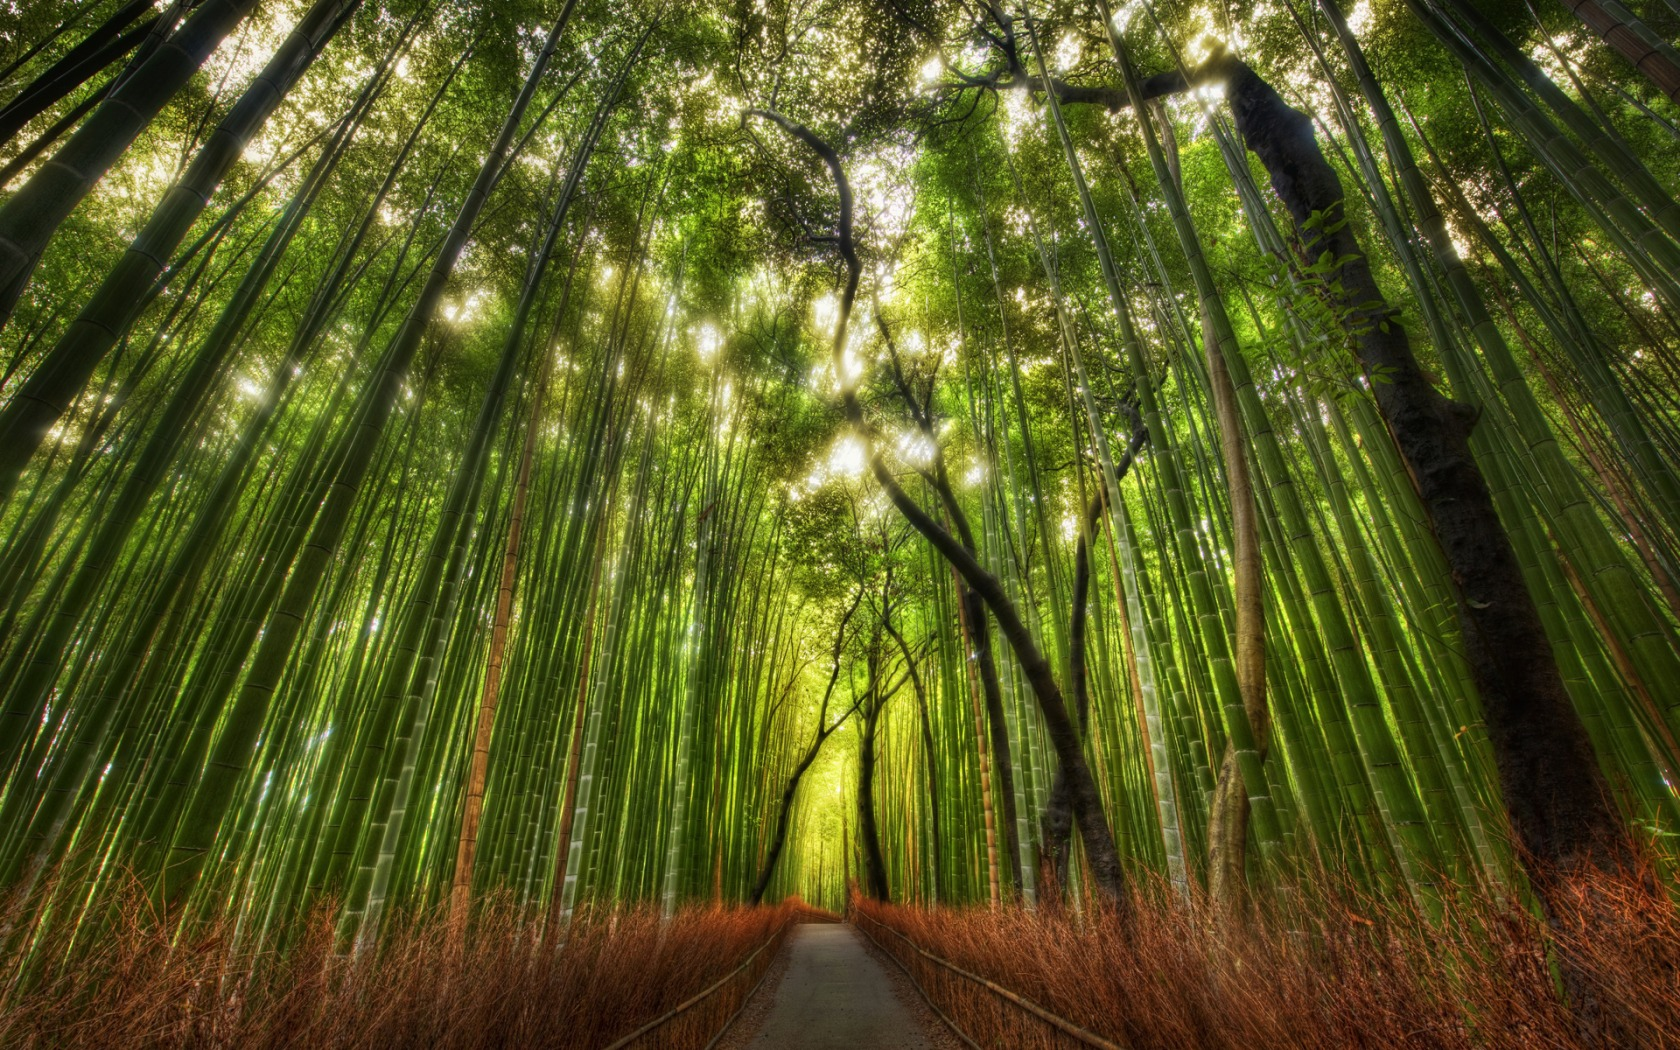 Bosque de bambu - 1680x1050